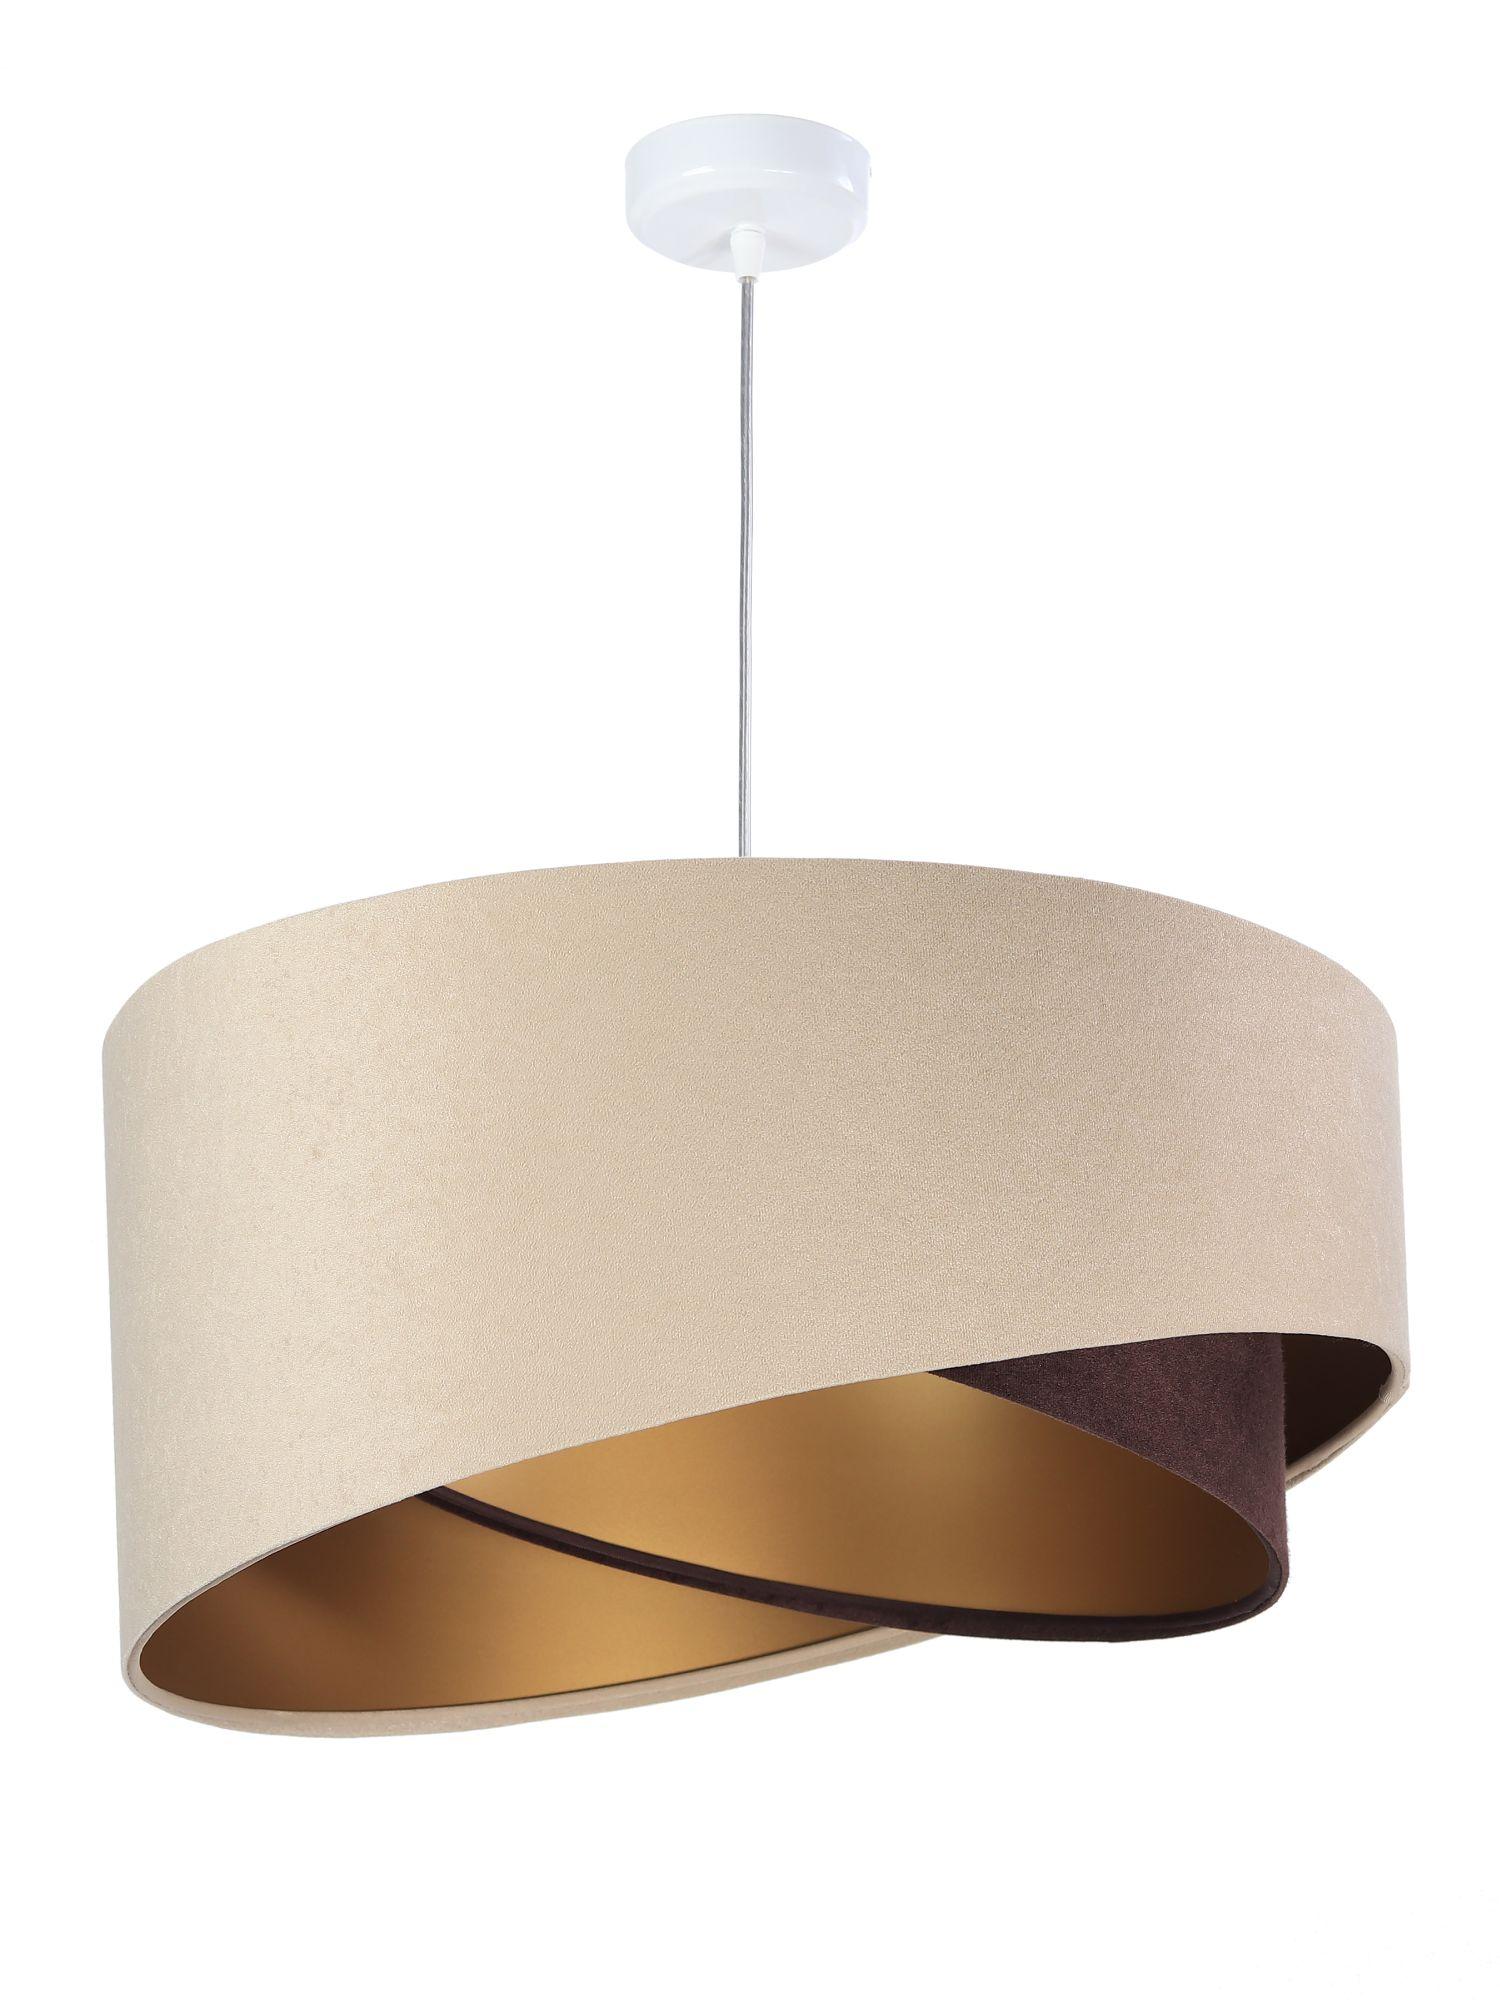 Hängeleuchte Beige Gold Braun Esstisch Lampe